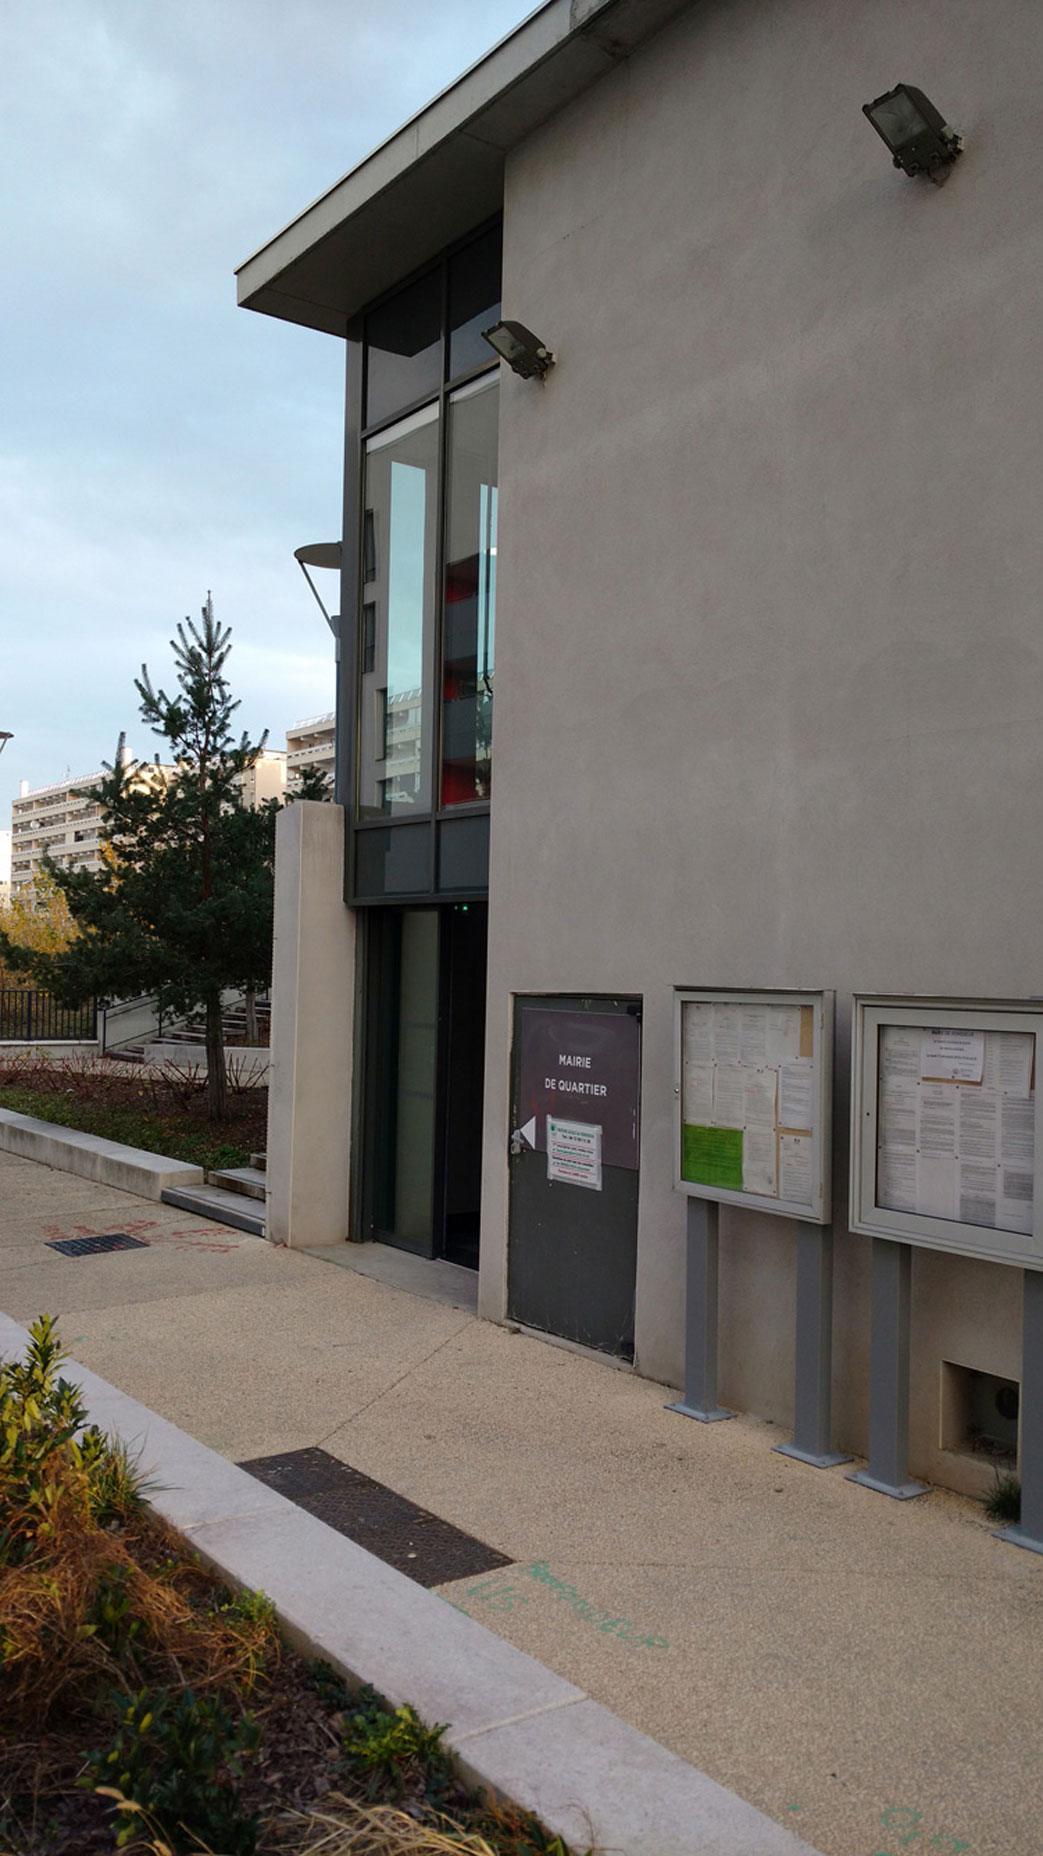 Entrée de la Mission Locale - Maison des services publics de Vénissy